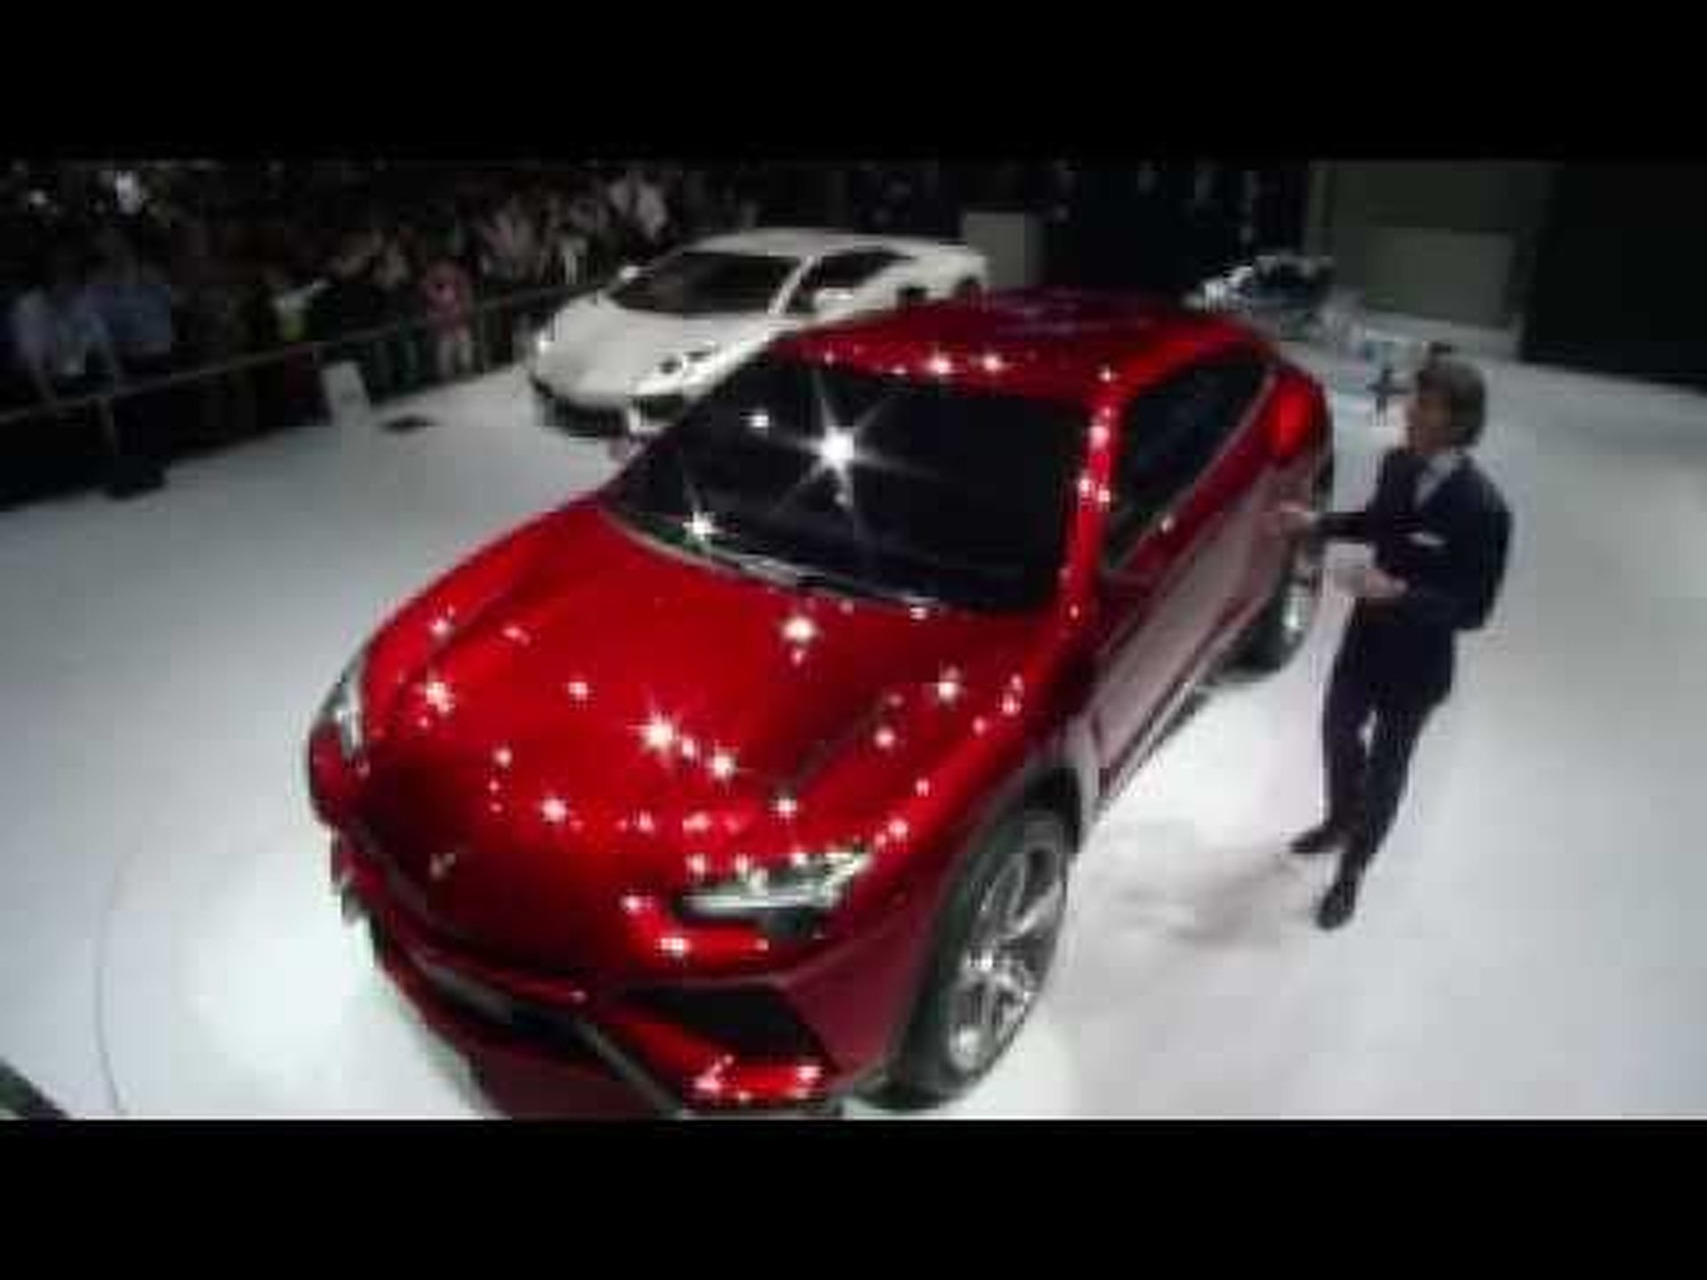 2012 Lamborghini Urus Concept Unveiled at the 2012 Beijing Motor Show